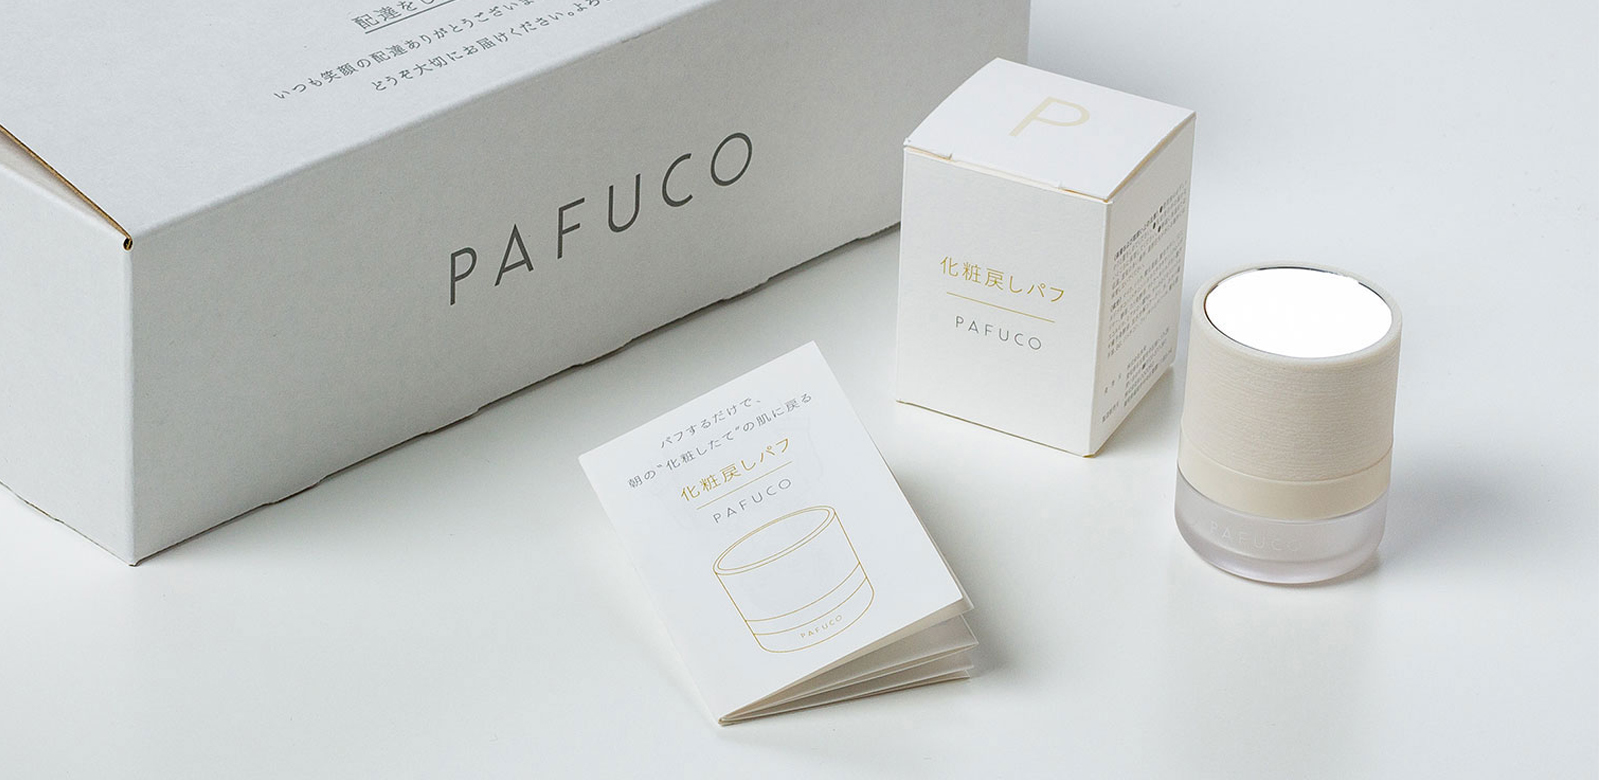 名古屋 ブランディング 株式会社未来 MIRAI 化粧品 パッケージ